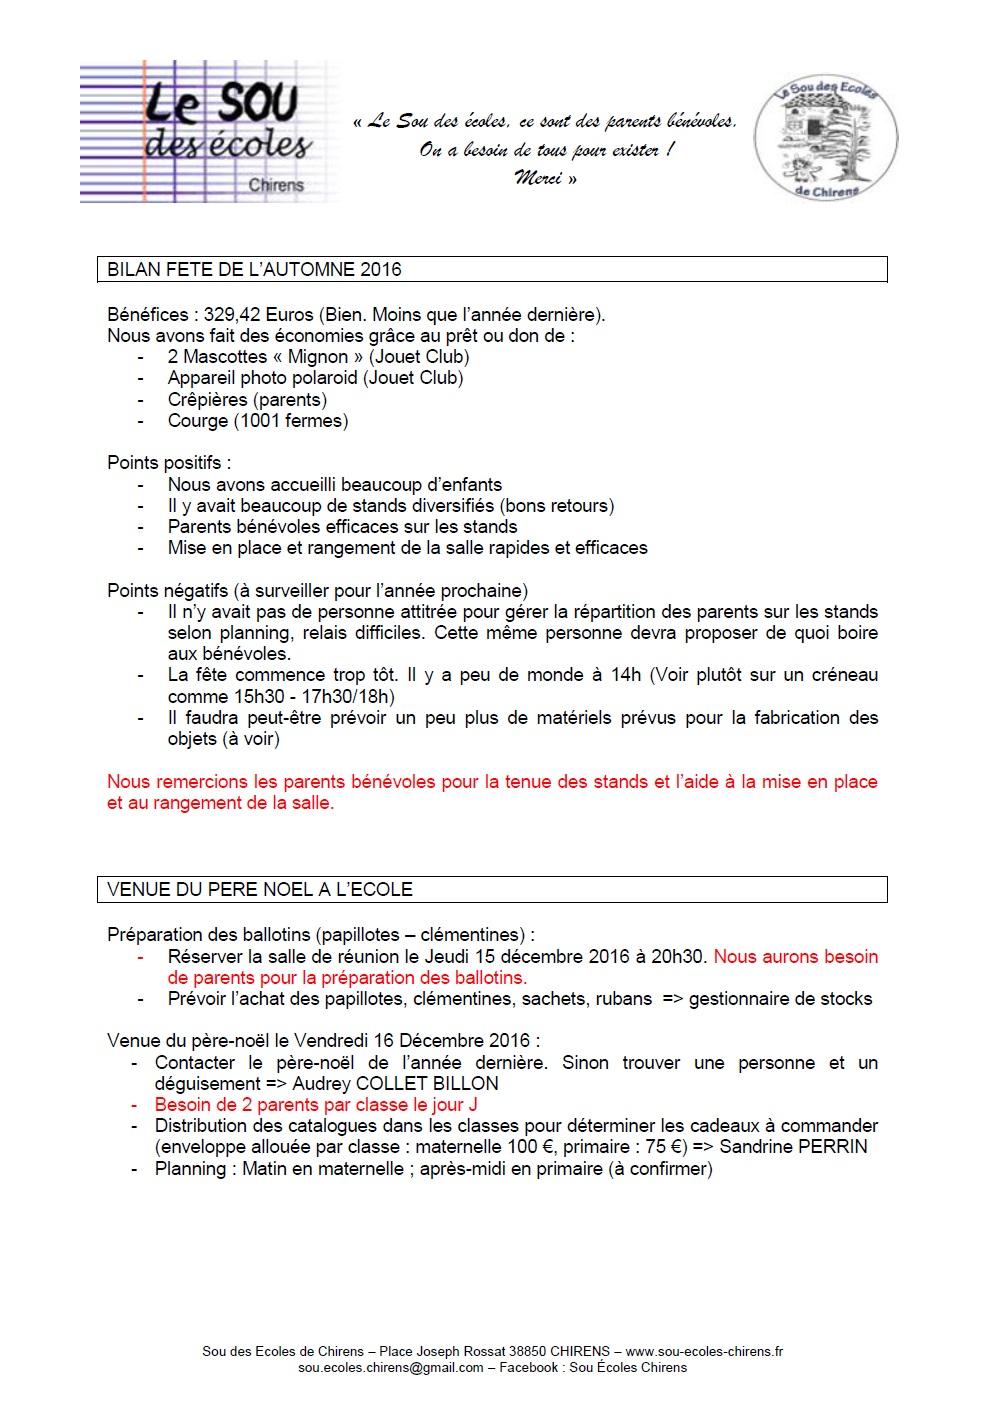 cr-08-nov-16-page-2